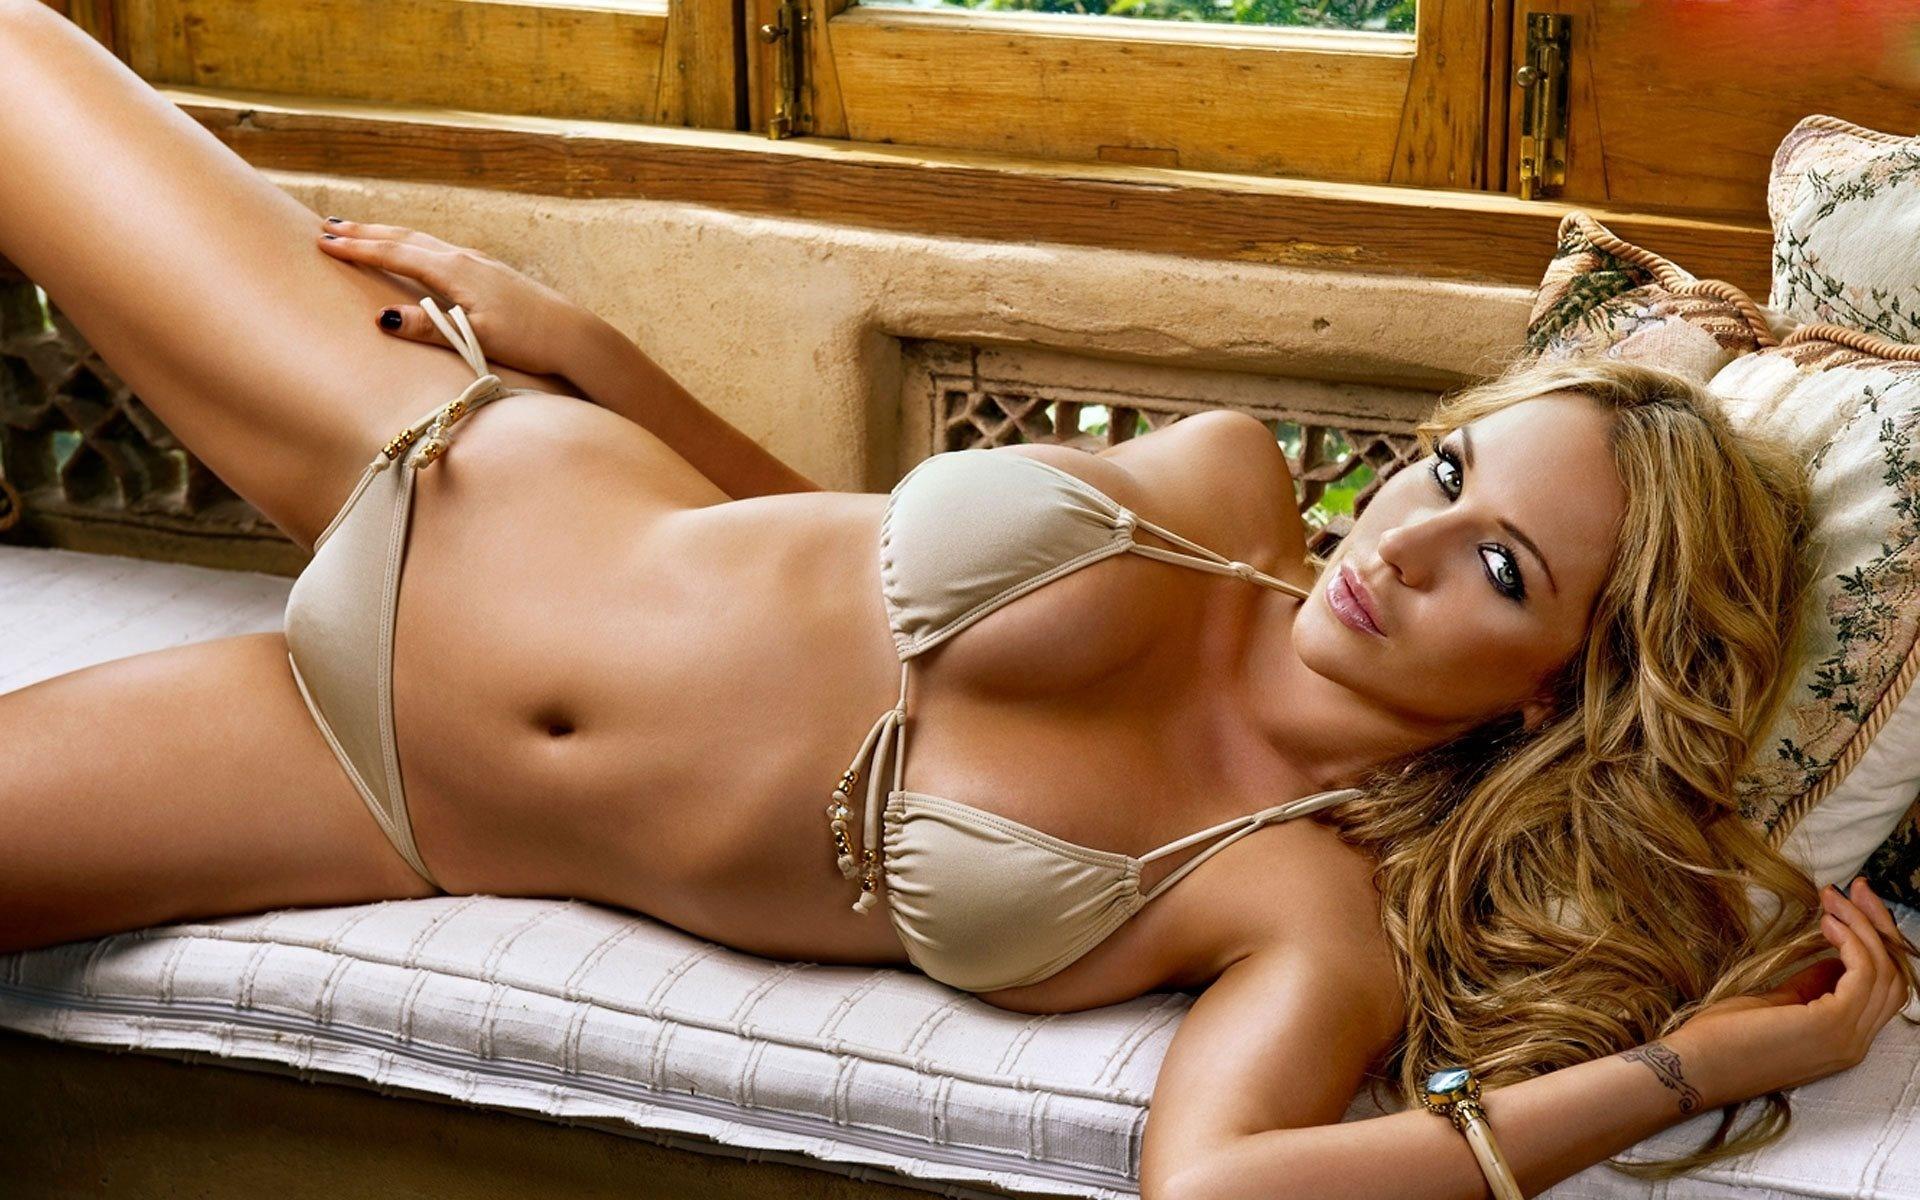 Самые сексуальные девушки всех времен, Самые красивые женщины всех времён по версии 25 фотография